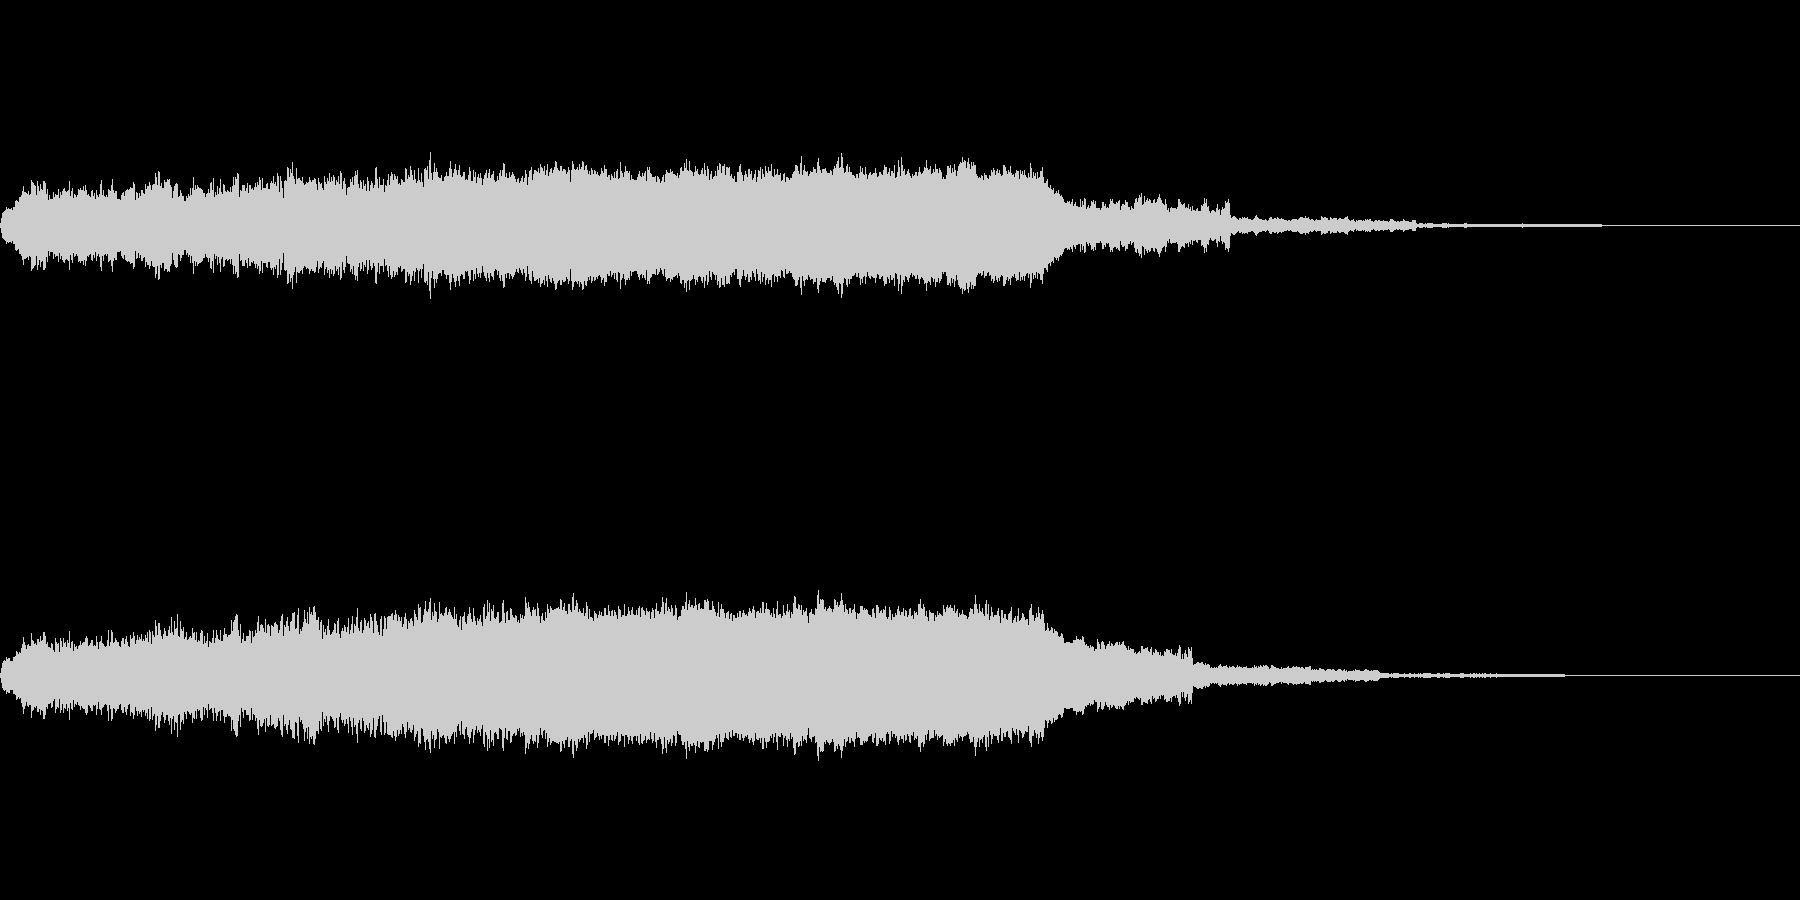 キーン(耳鳴り)の未再生の波形